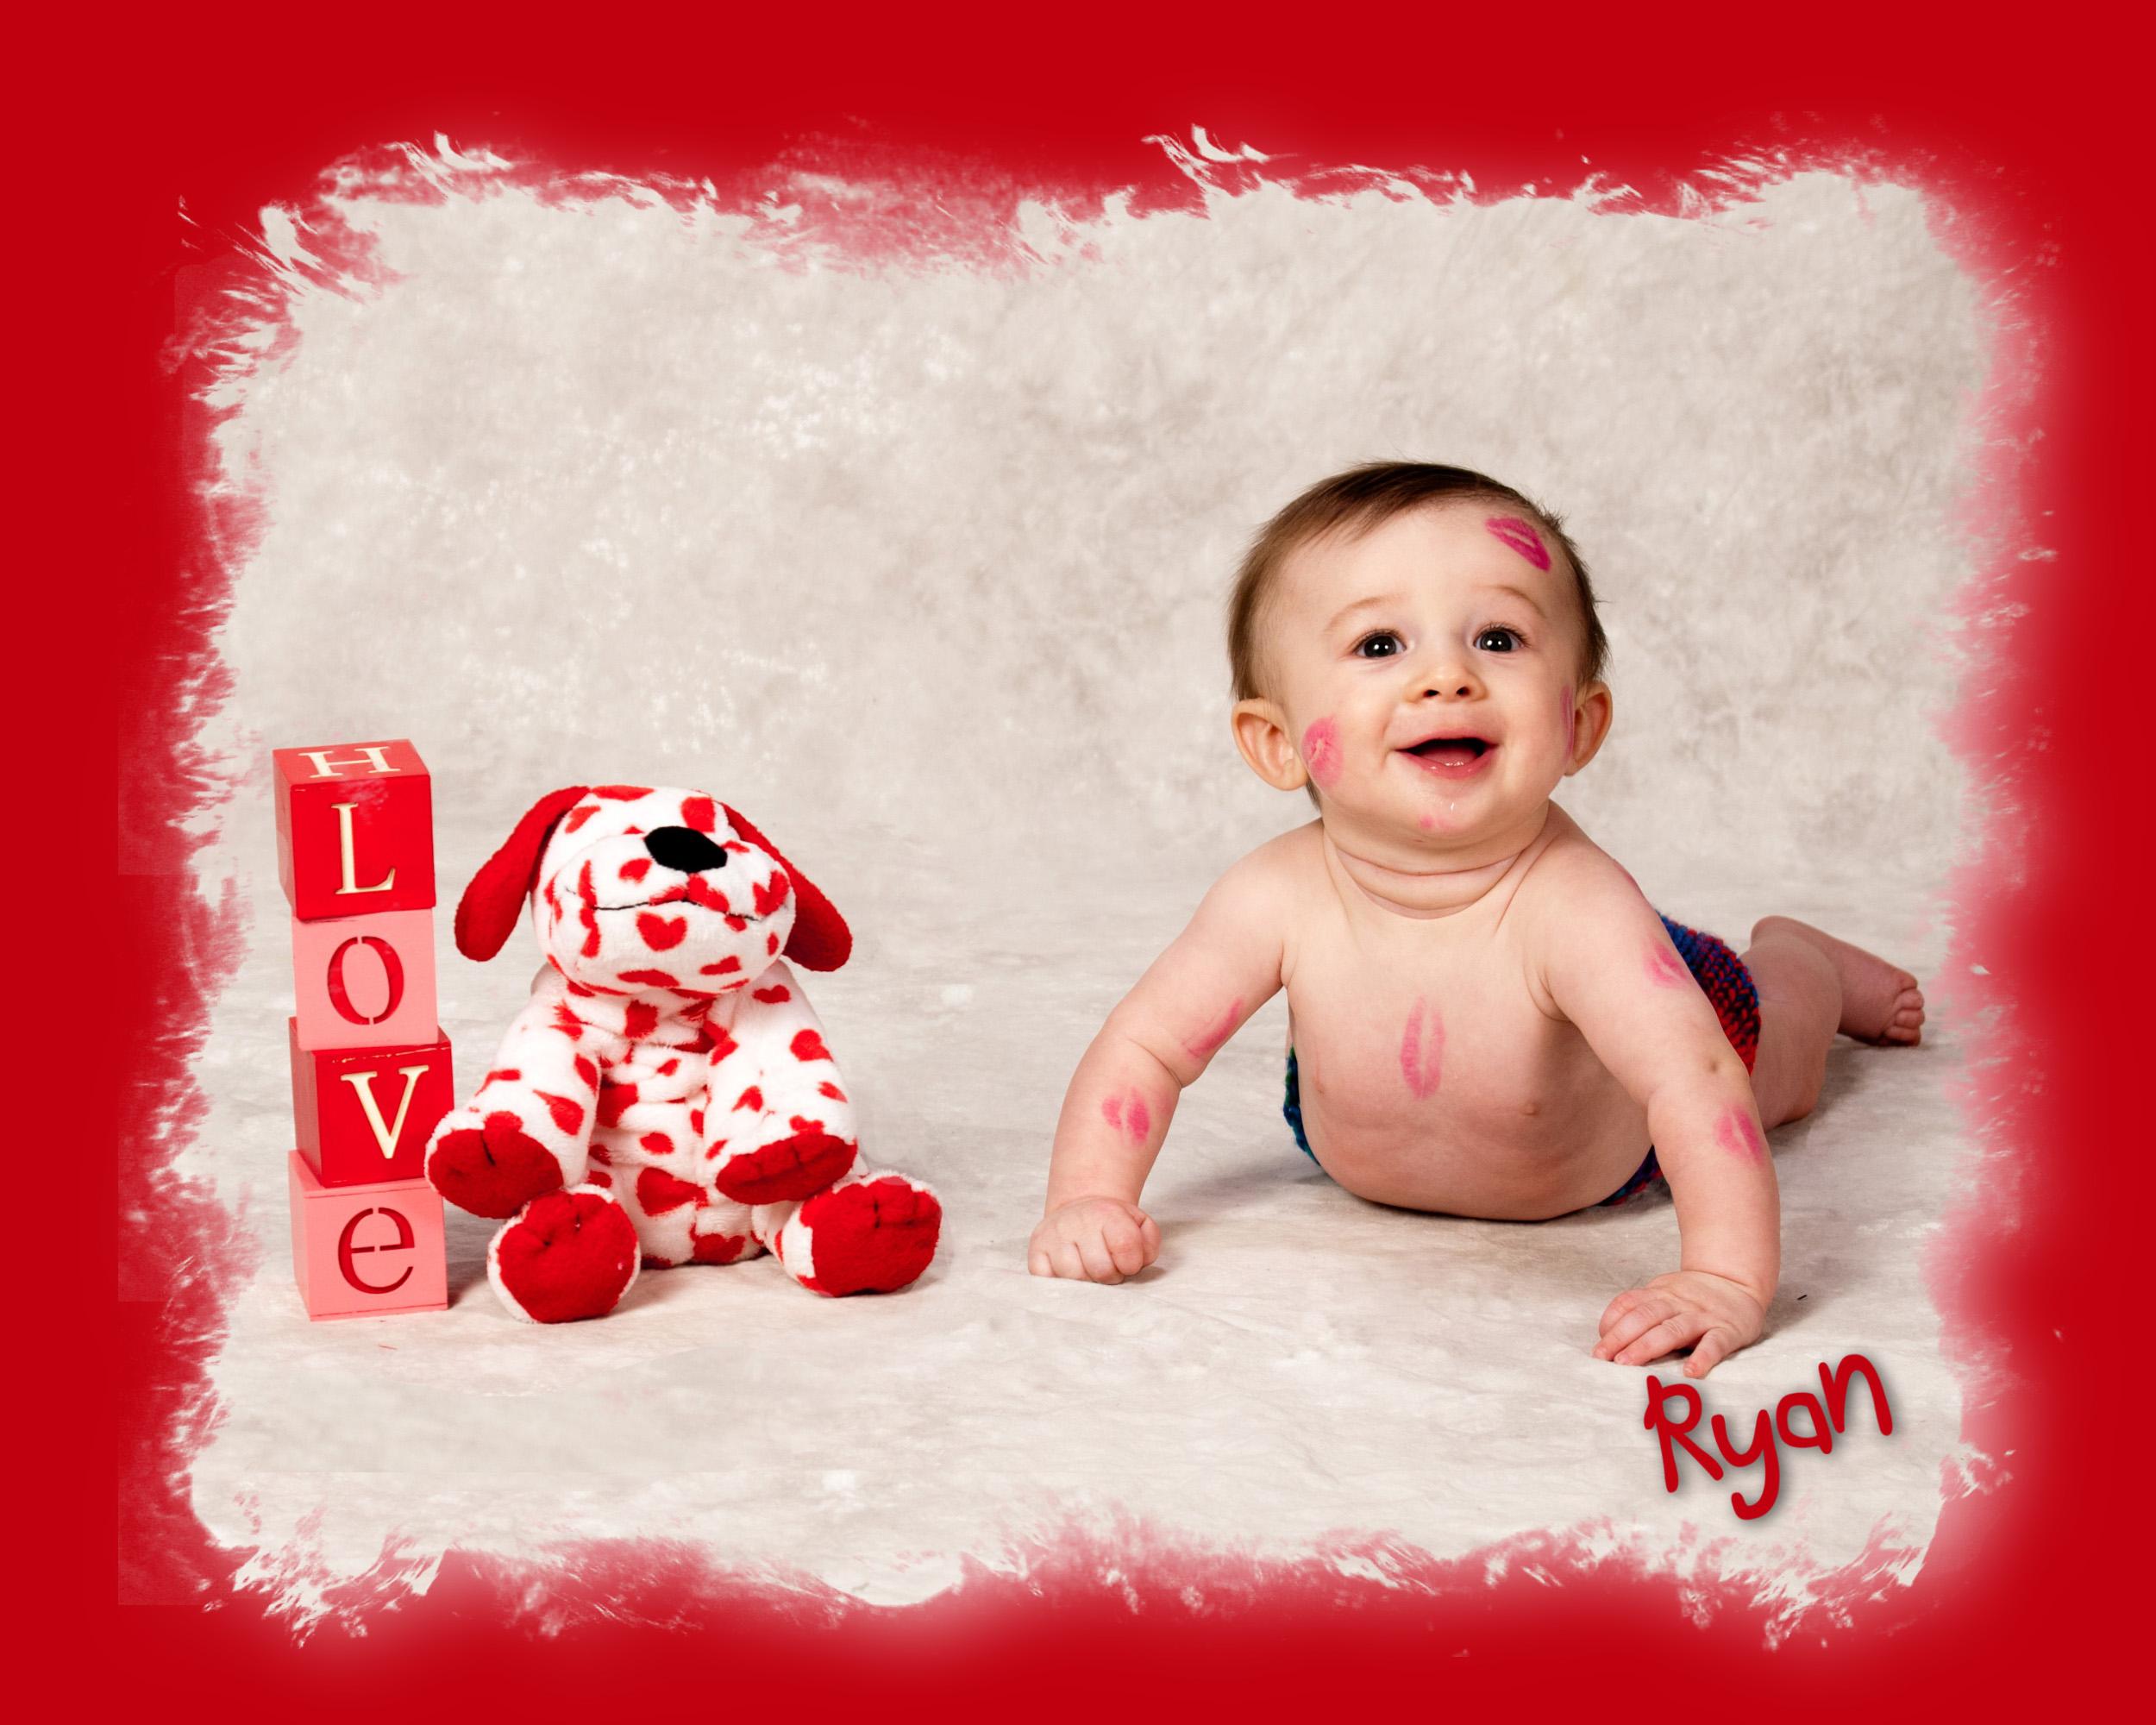 ryan 8x10 valentine